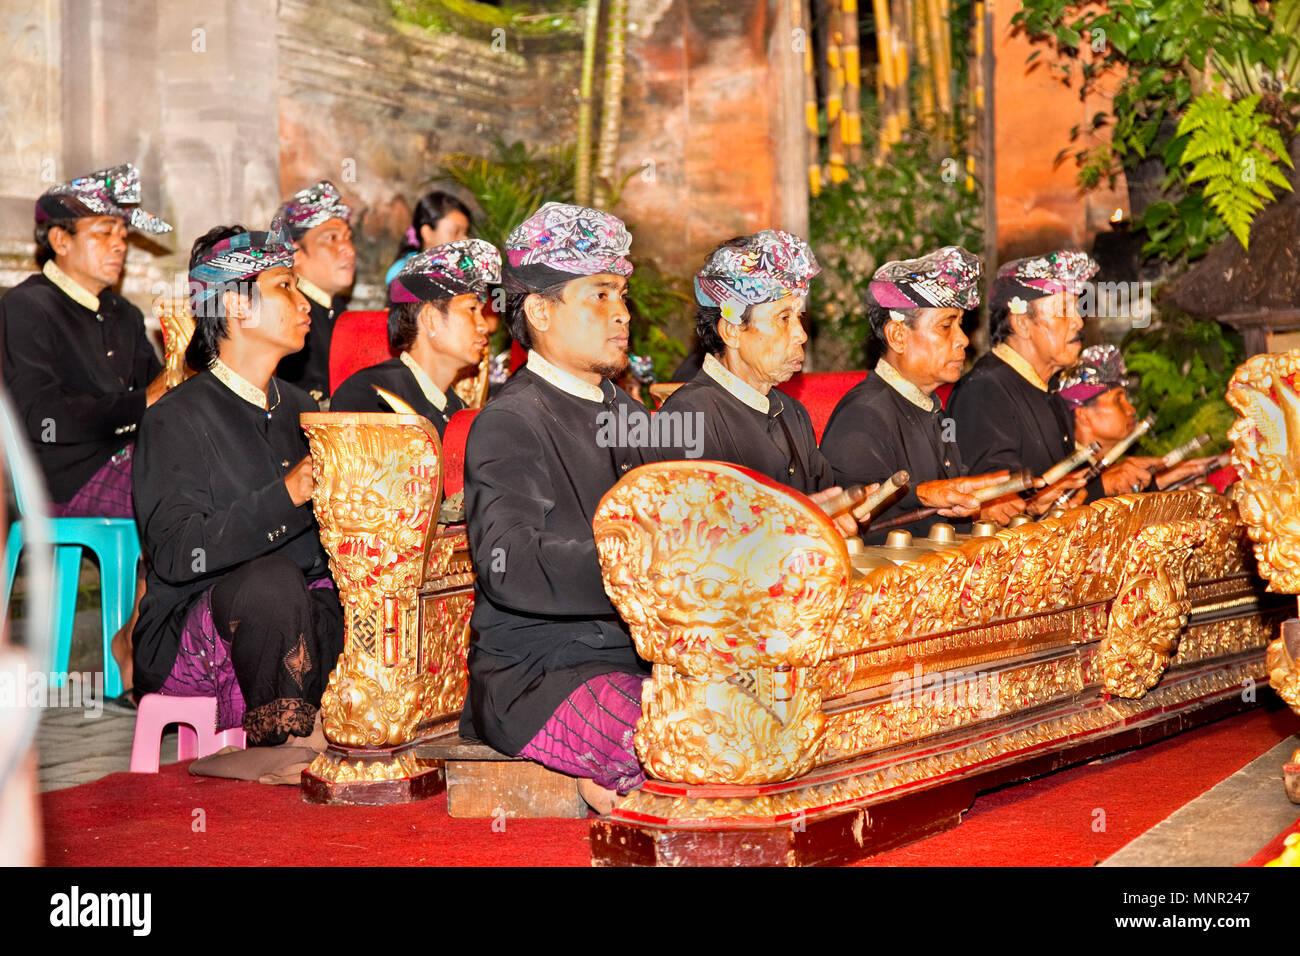 BALI - Januar 19: Legong Trance & Paradies Tanz in Ubud Palace. Ubud Palace ist der beliebteste Ort für nächtliche Tanz, Drama und Musik Performa Stockfoto